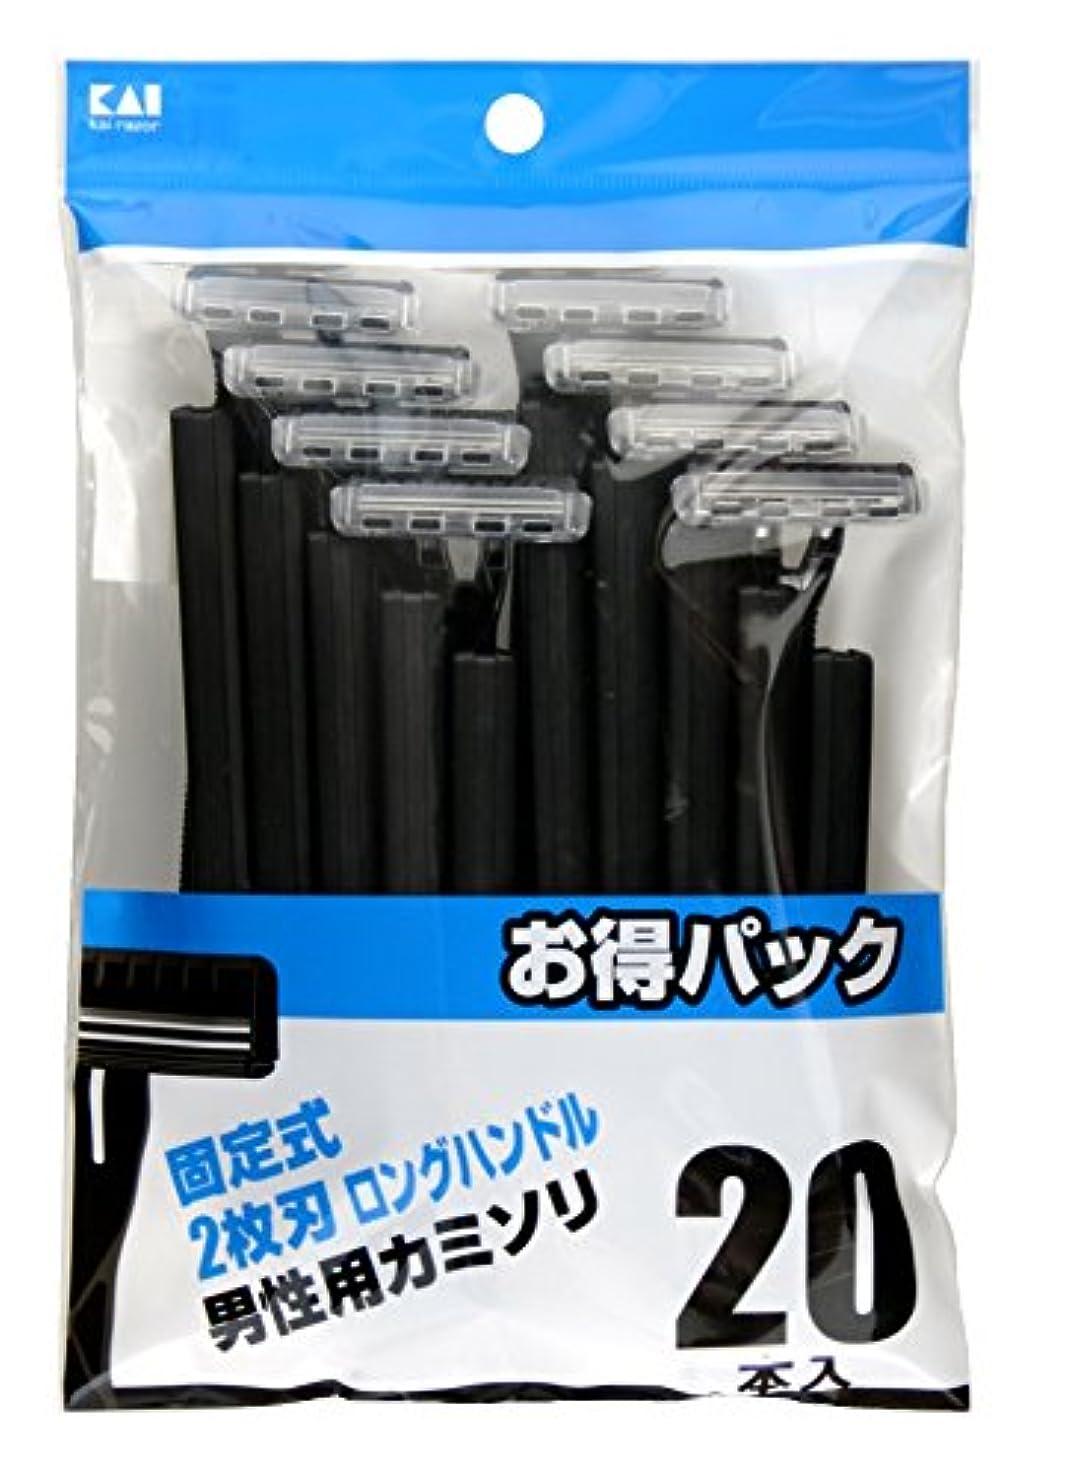 ハウス平日意欲ルーチェ 2枚刃カミソリ(スムーサー無) ロングハンドル 固定20本入